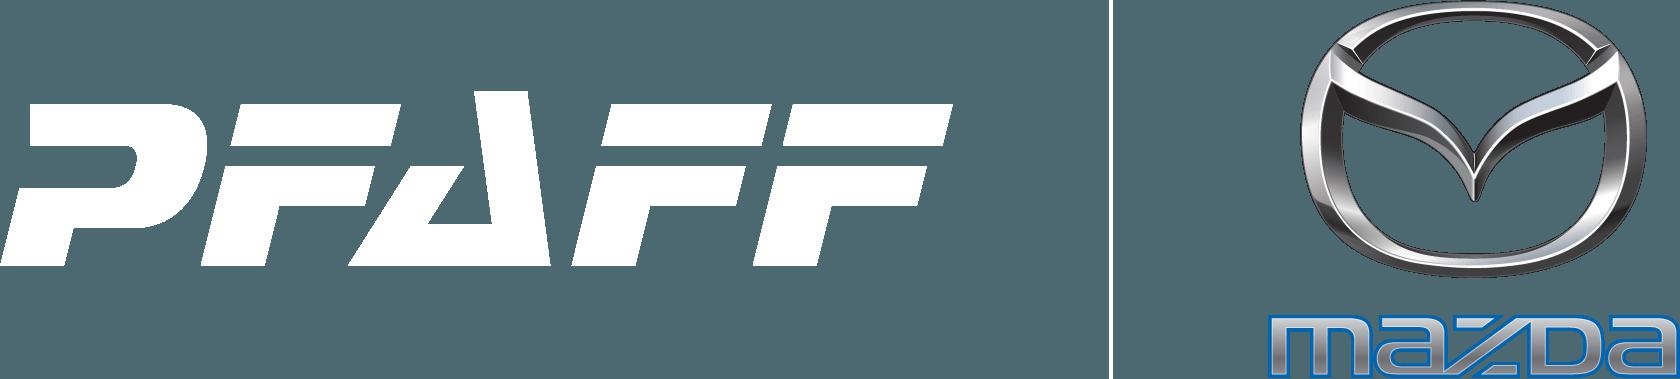 Pfaff Mazda